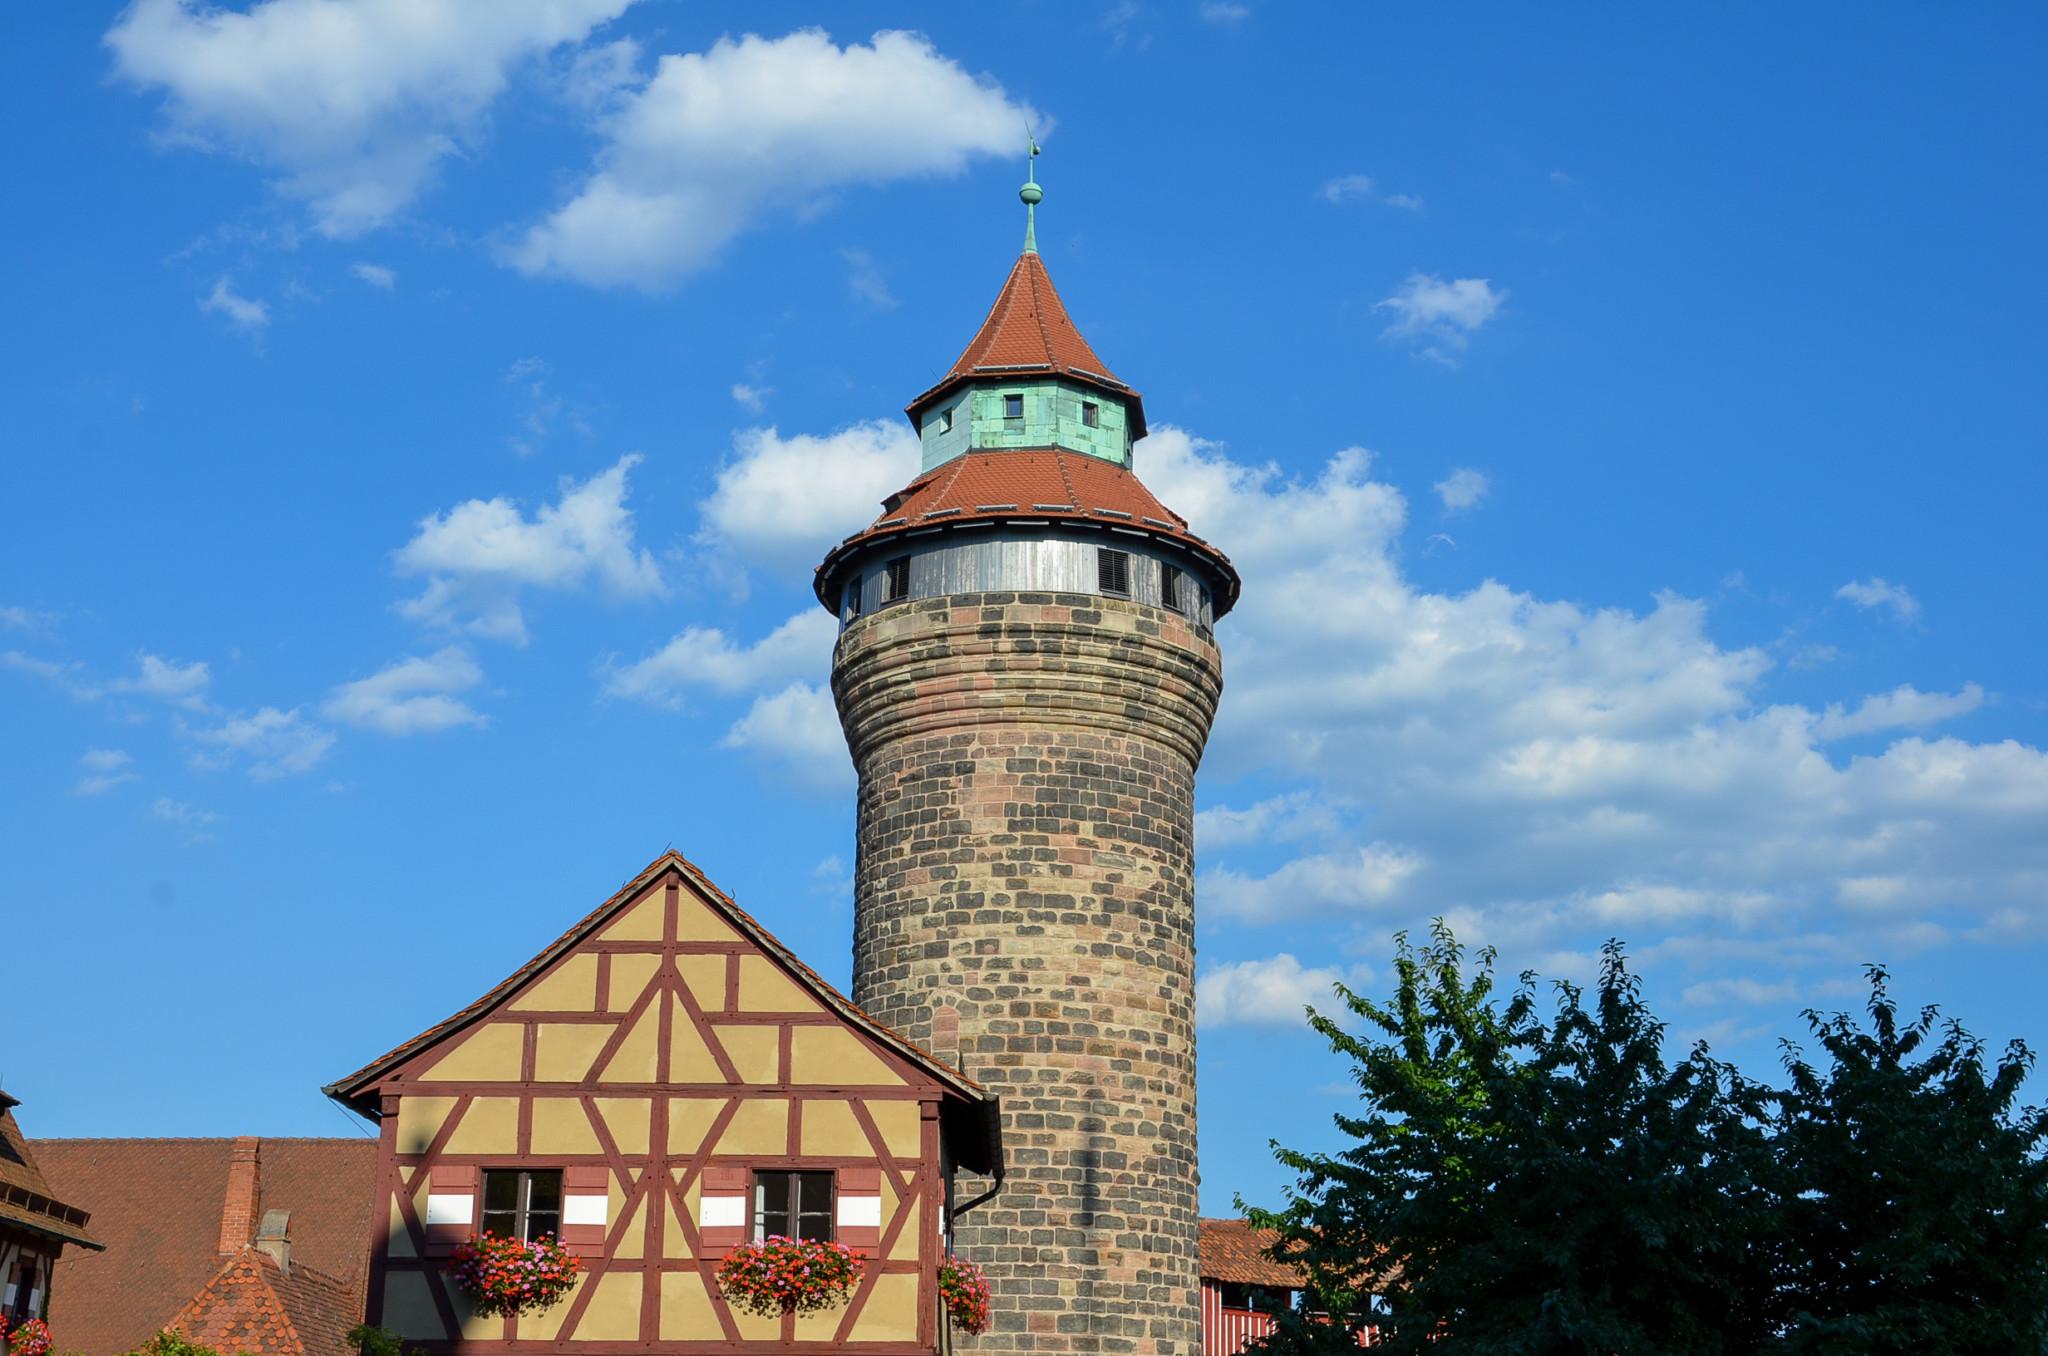 Zu den Nürnberg Sehenswürdigkeiten gehört auch die Kaiserburg